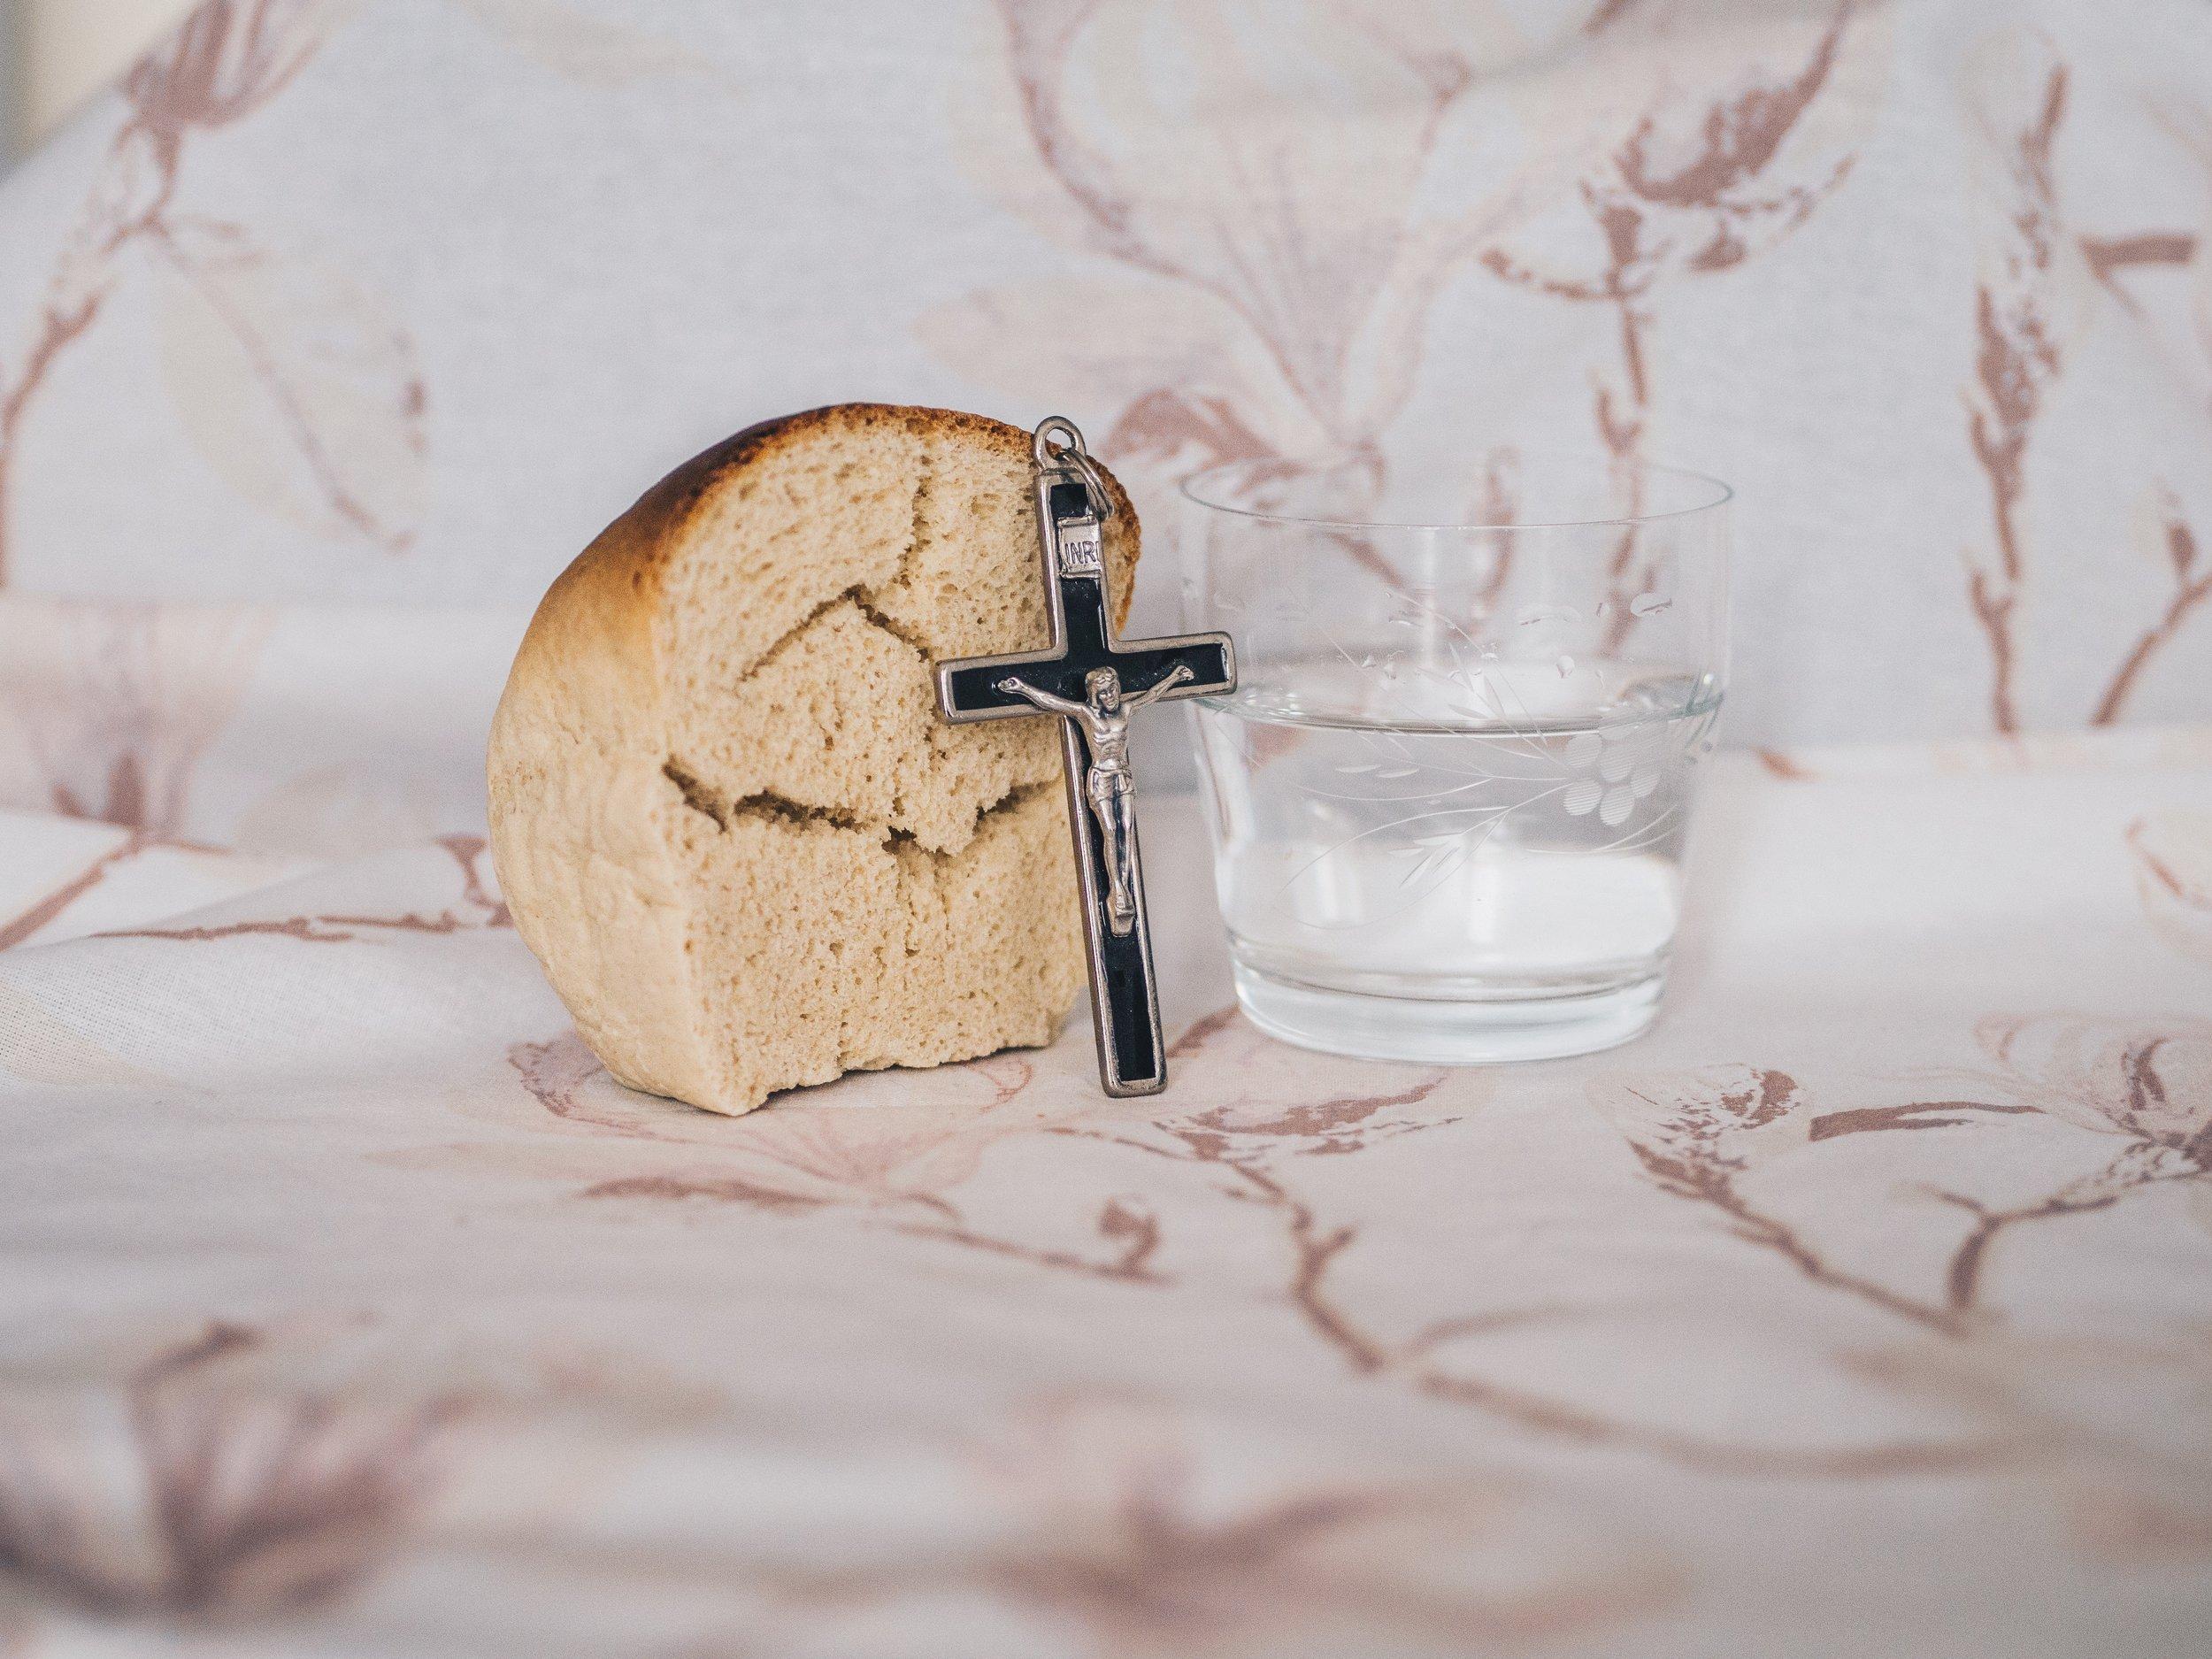 Bread, Water, Crucifix